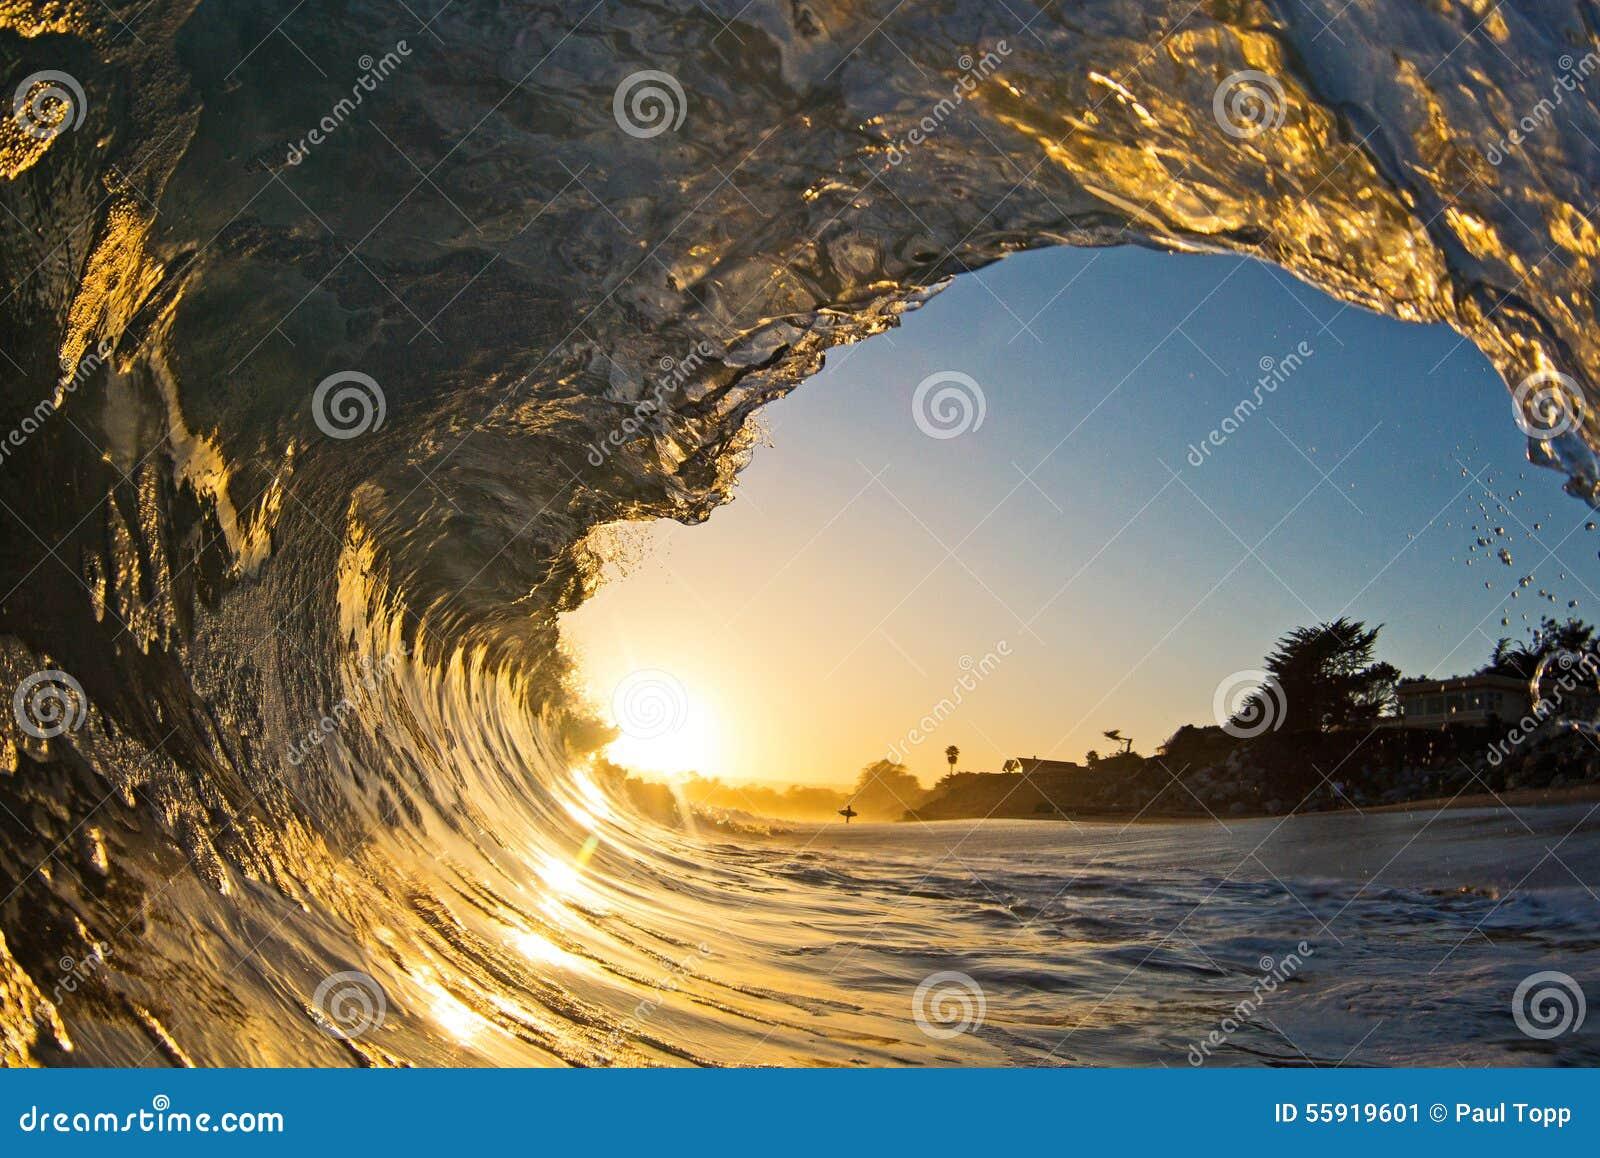 Ένας ενιαίος ωκεάνιος σωλήνας κυμάτων στο ηλιοβασίλεμα στην παραλία